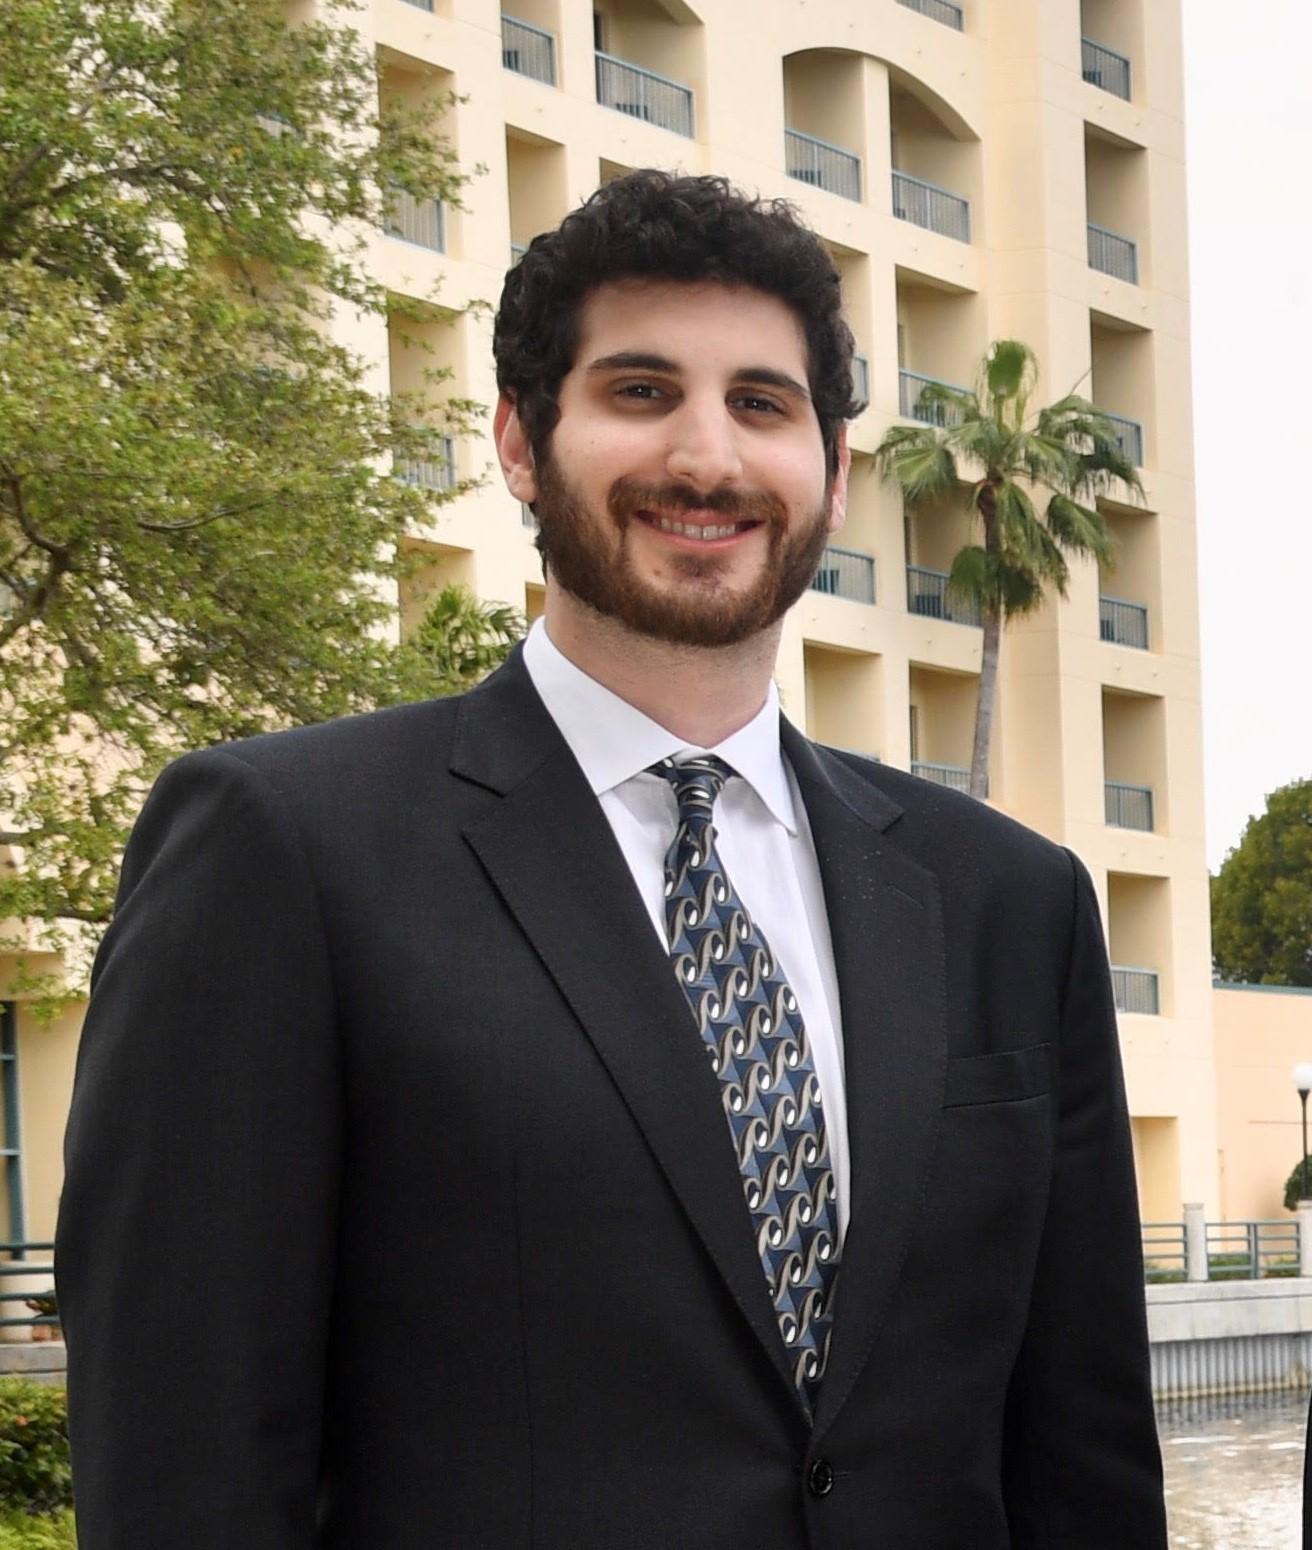 Jason R. Katzman